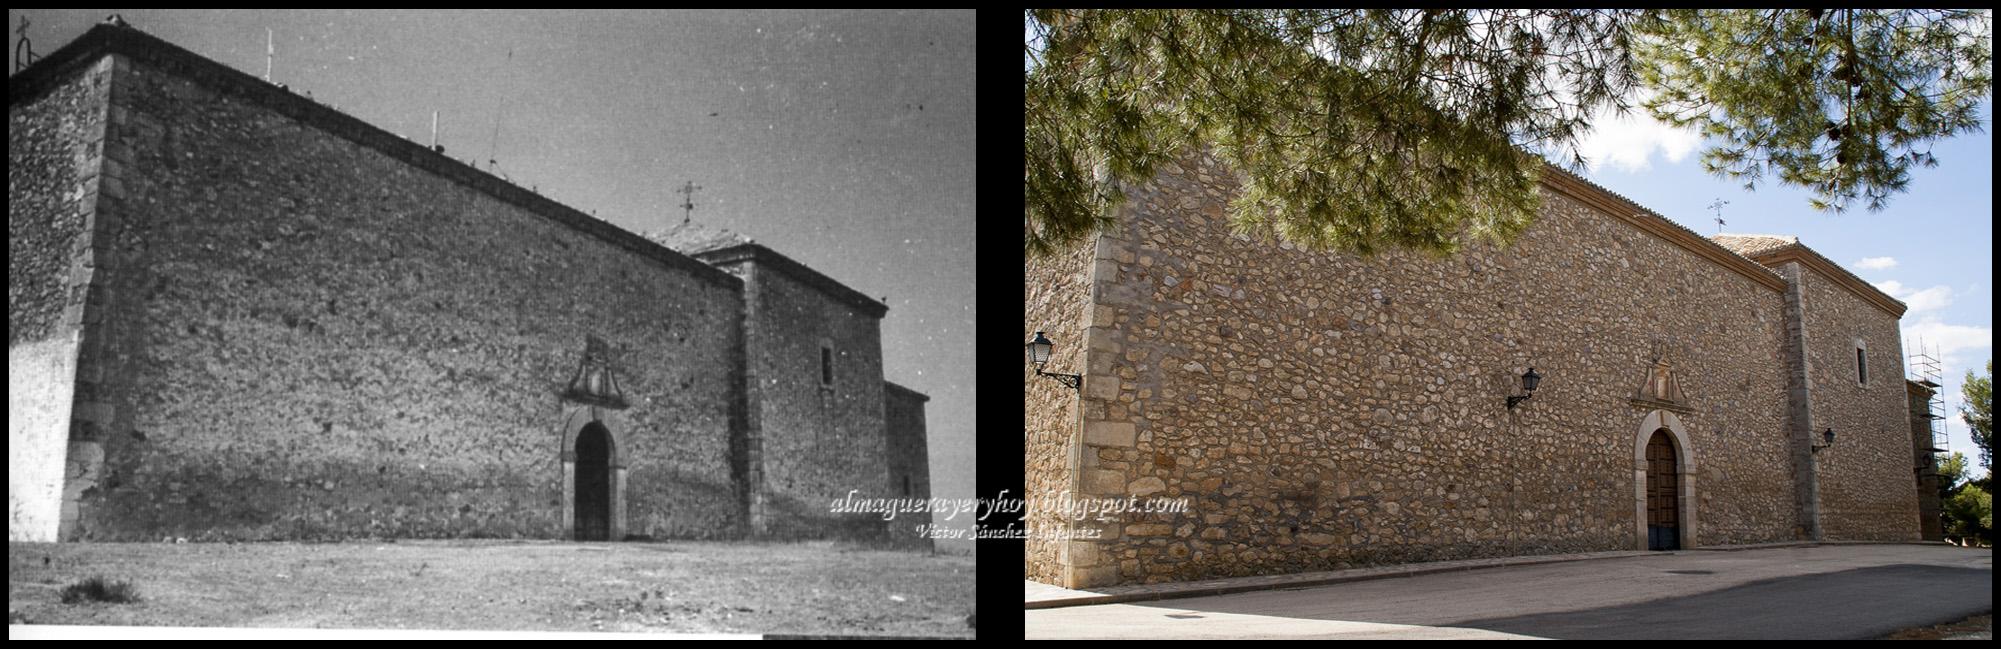 Ermita Ntra. Sra. de la Muela. Años 70-2014